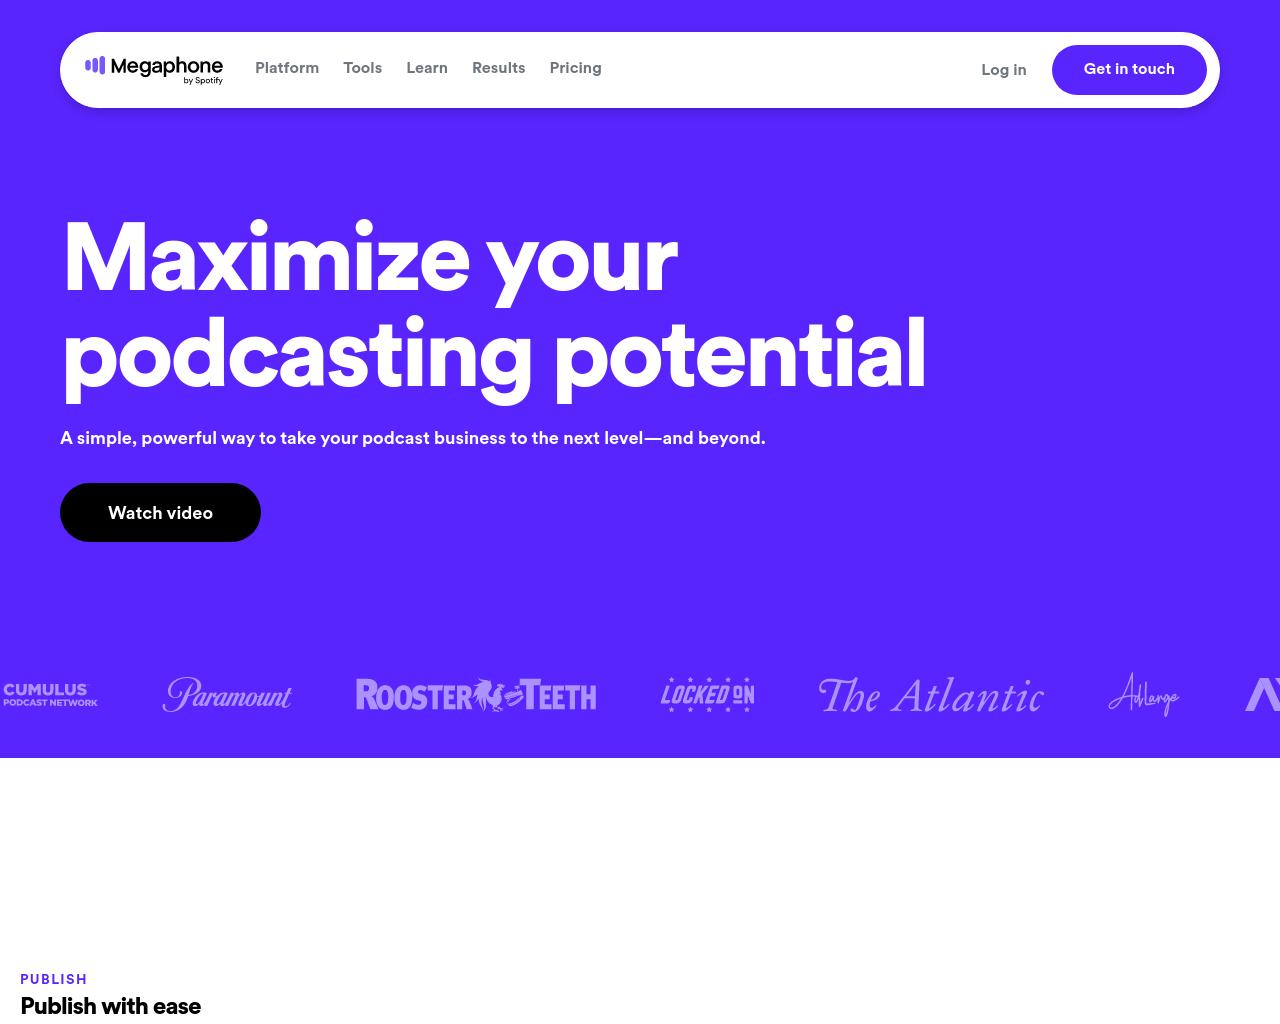 Megaphone homepage